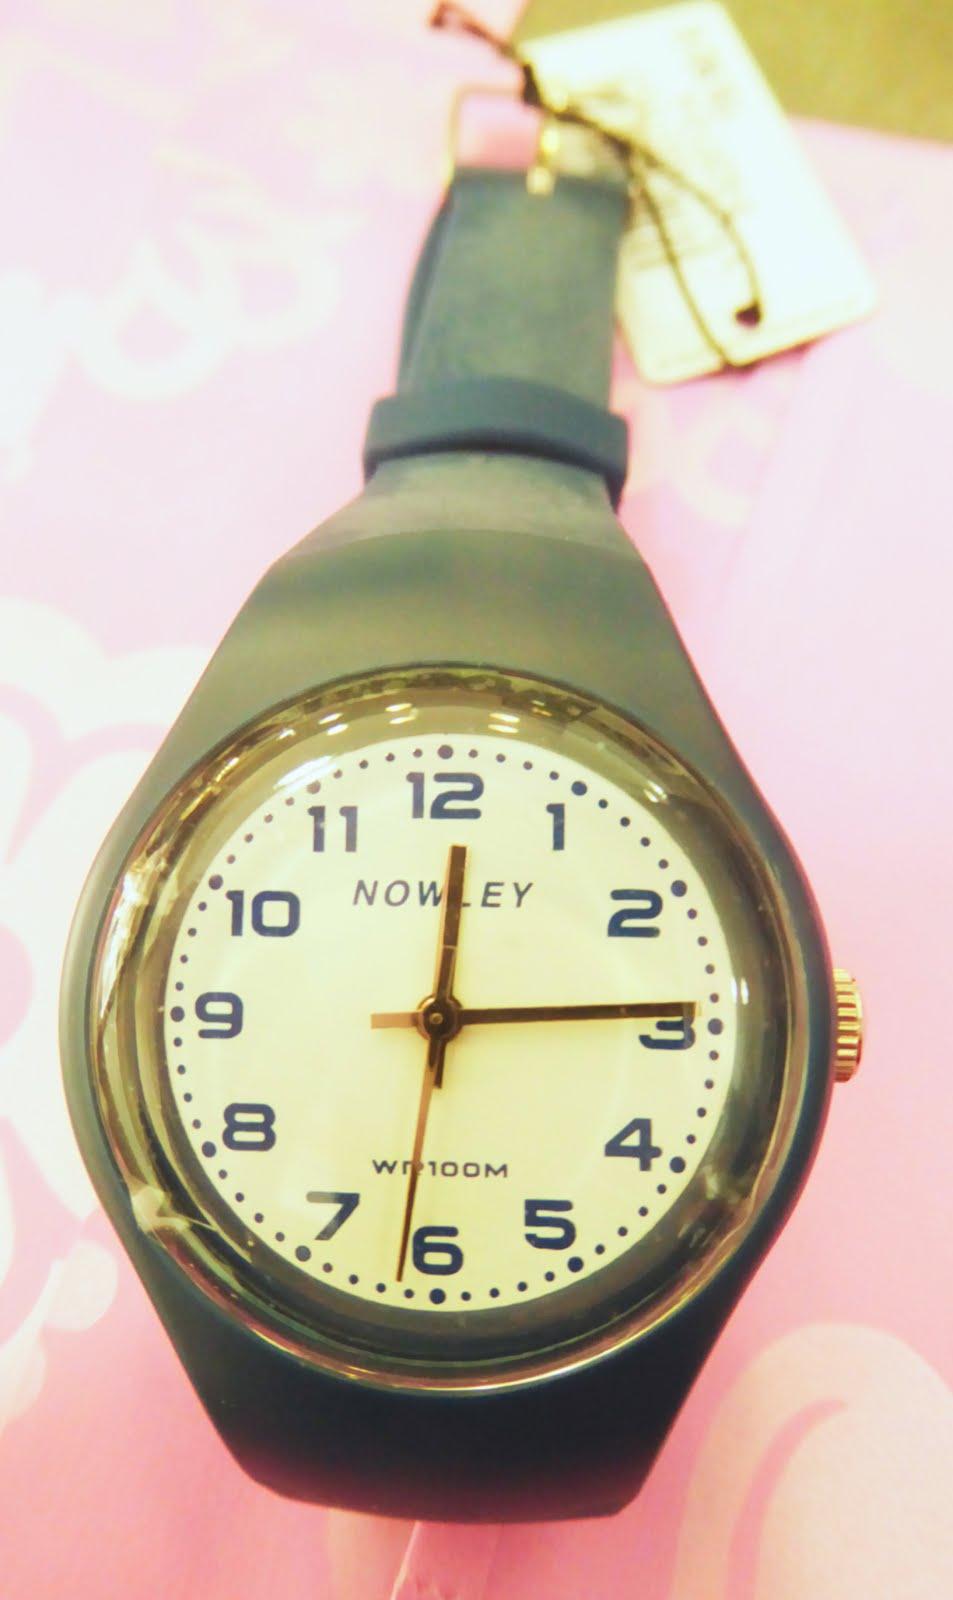 Reloj Nowley, sumergible,